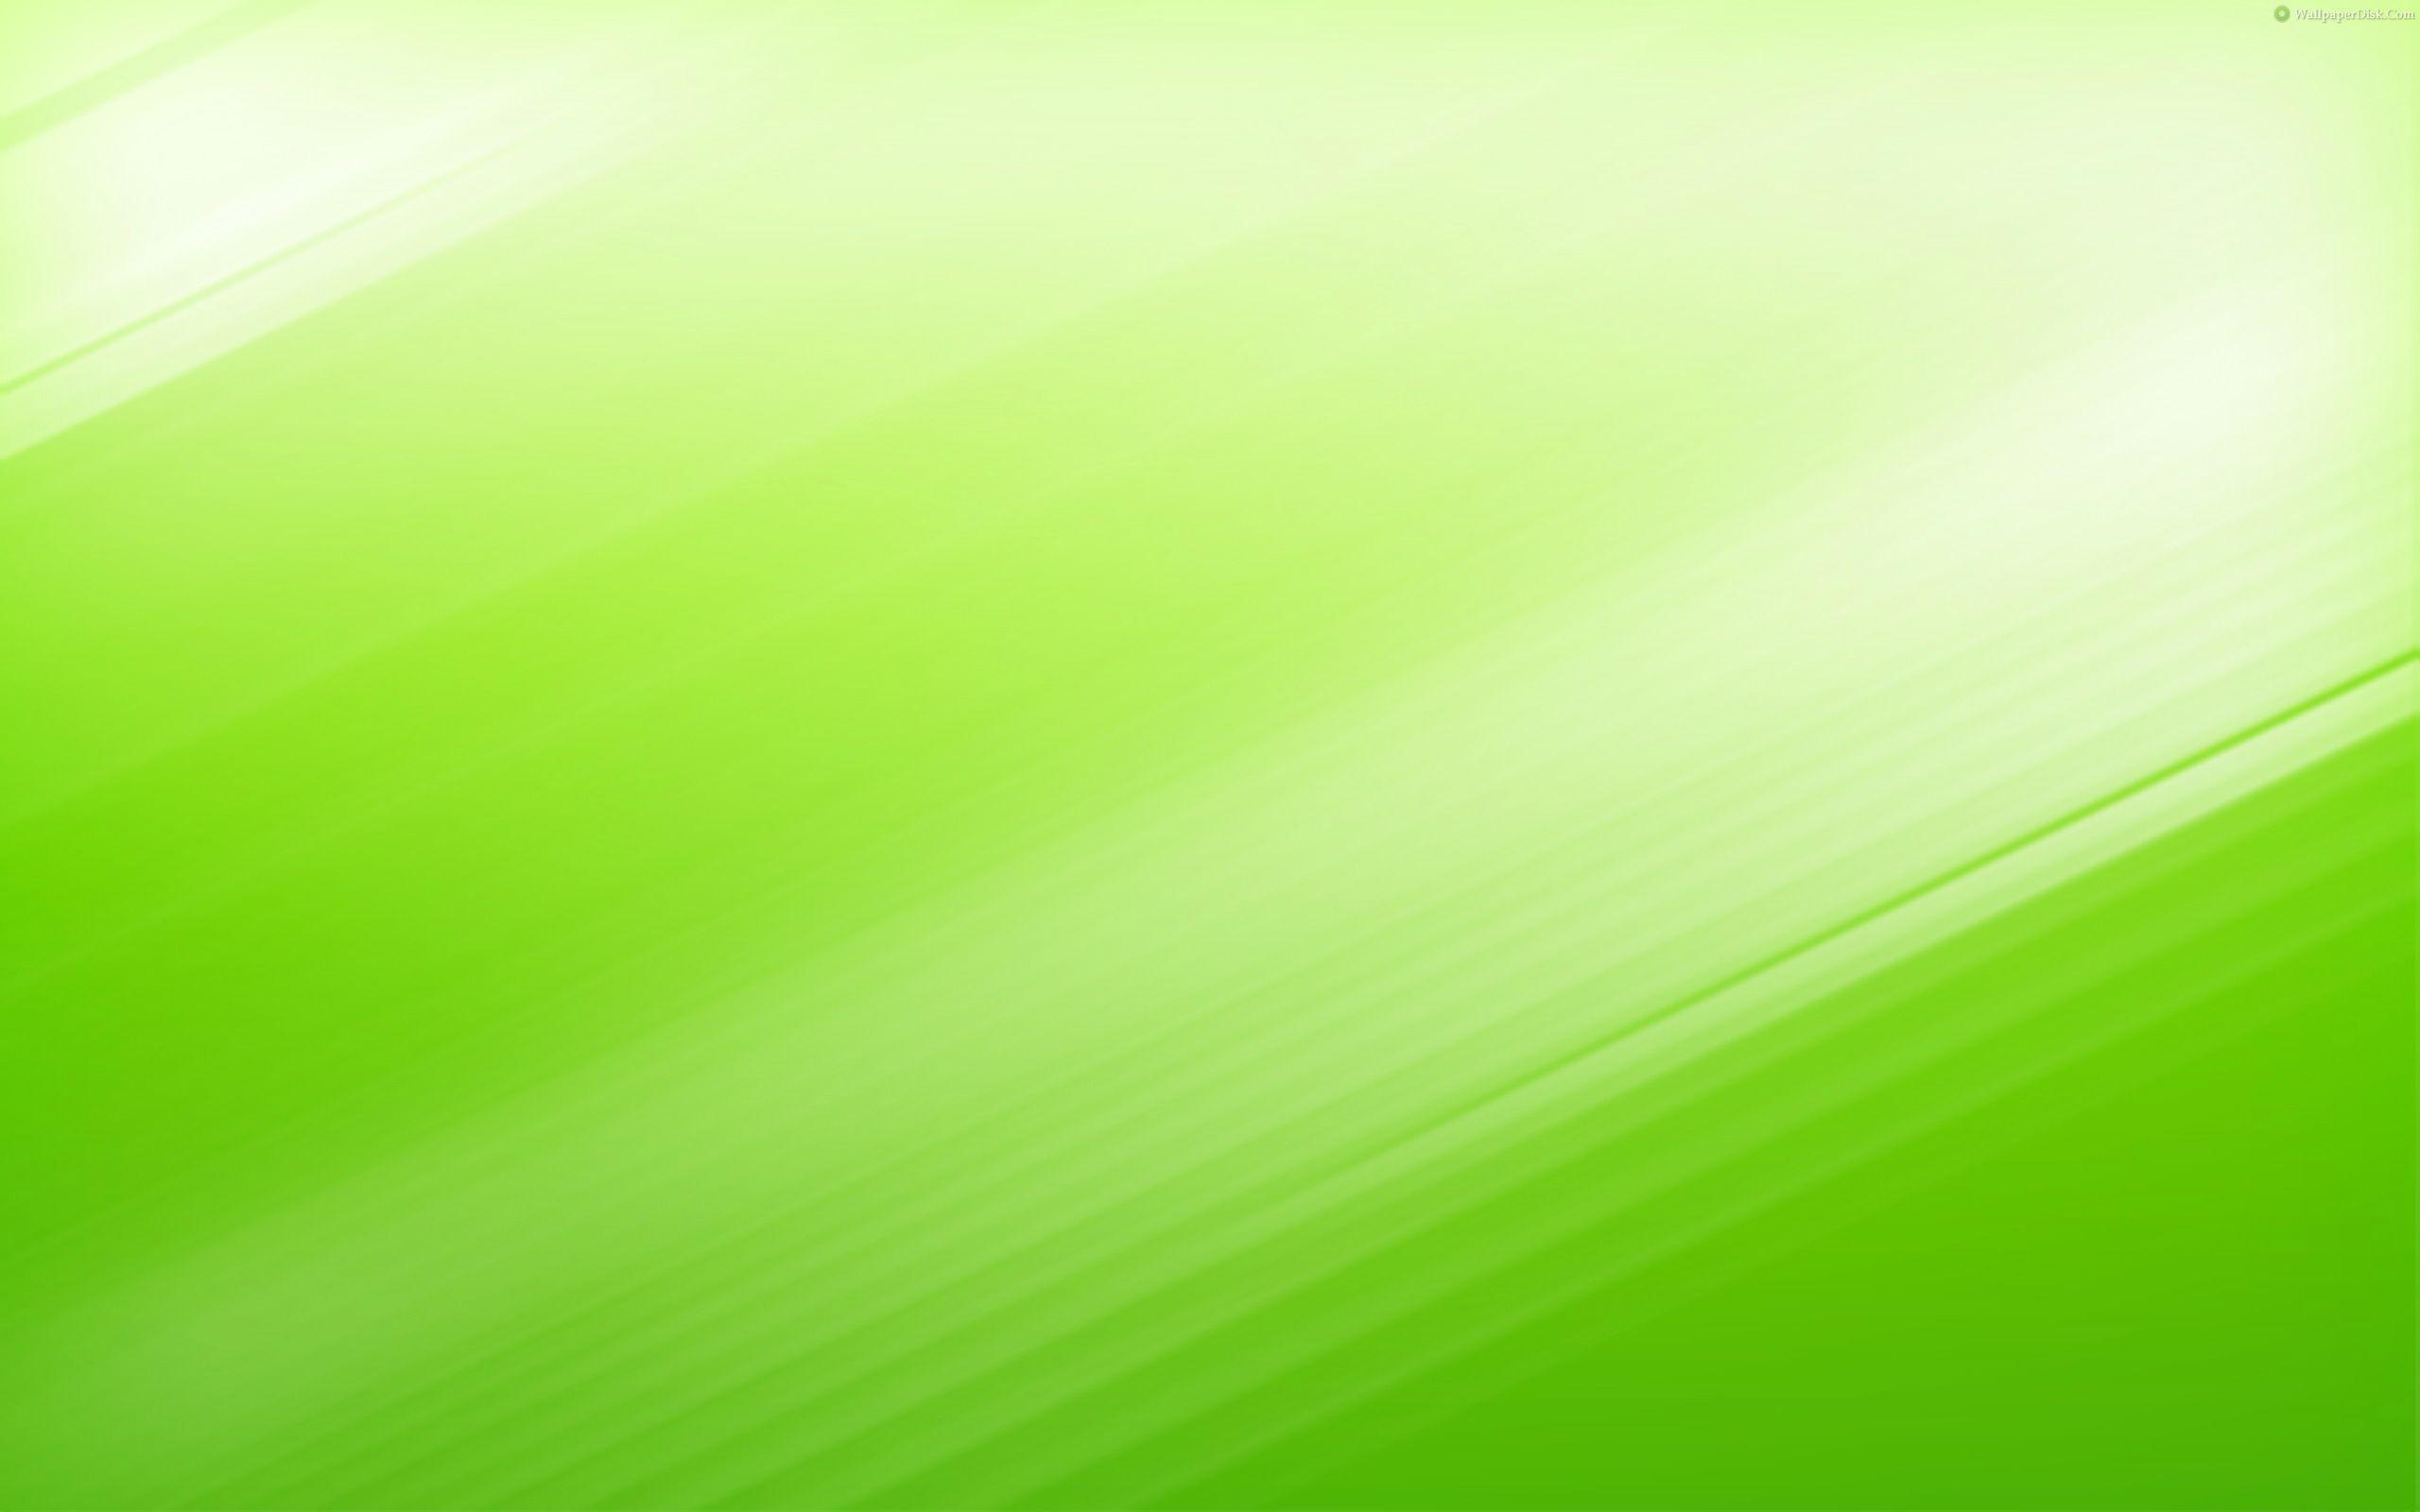 Stunning Plain Green Wallpaper